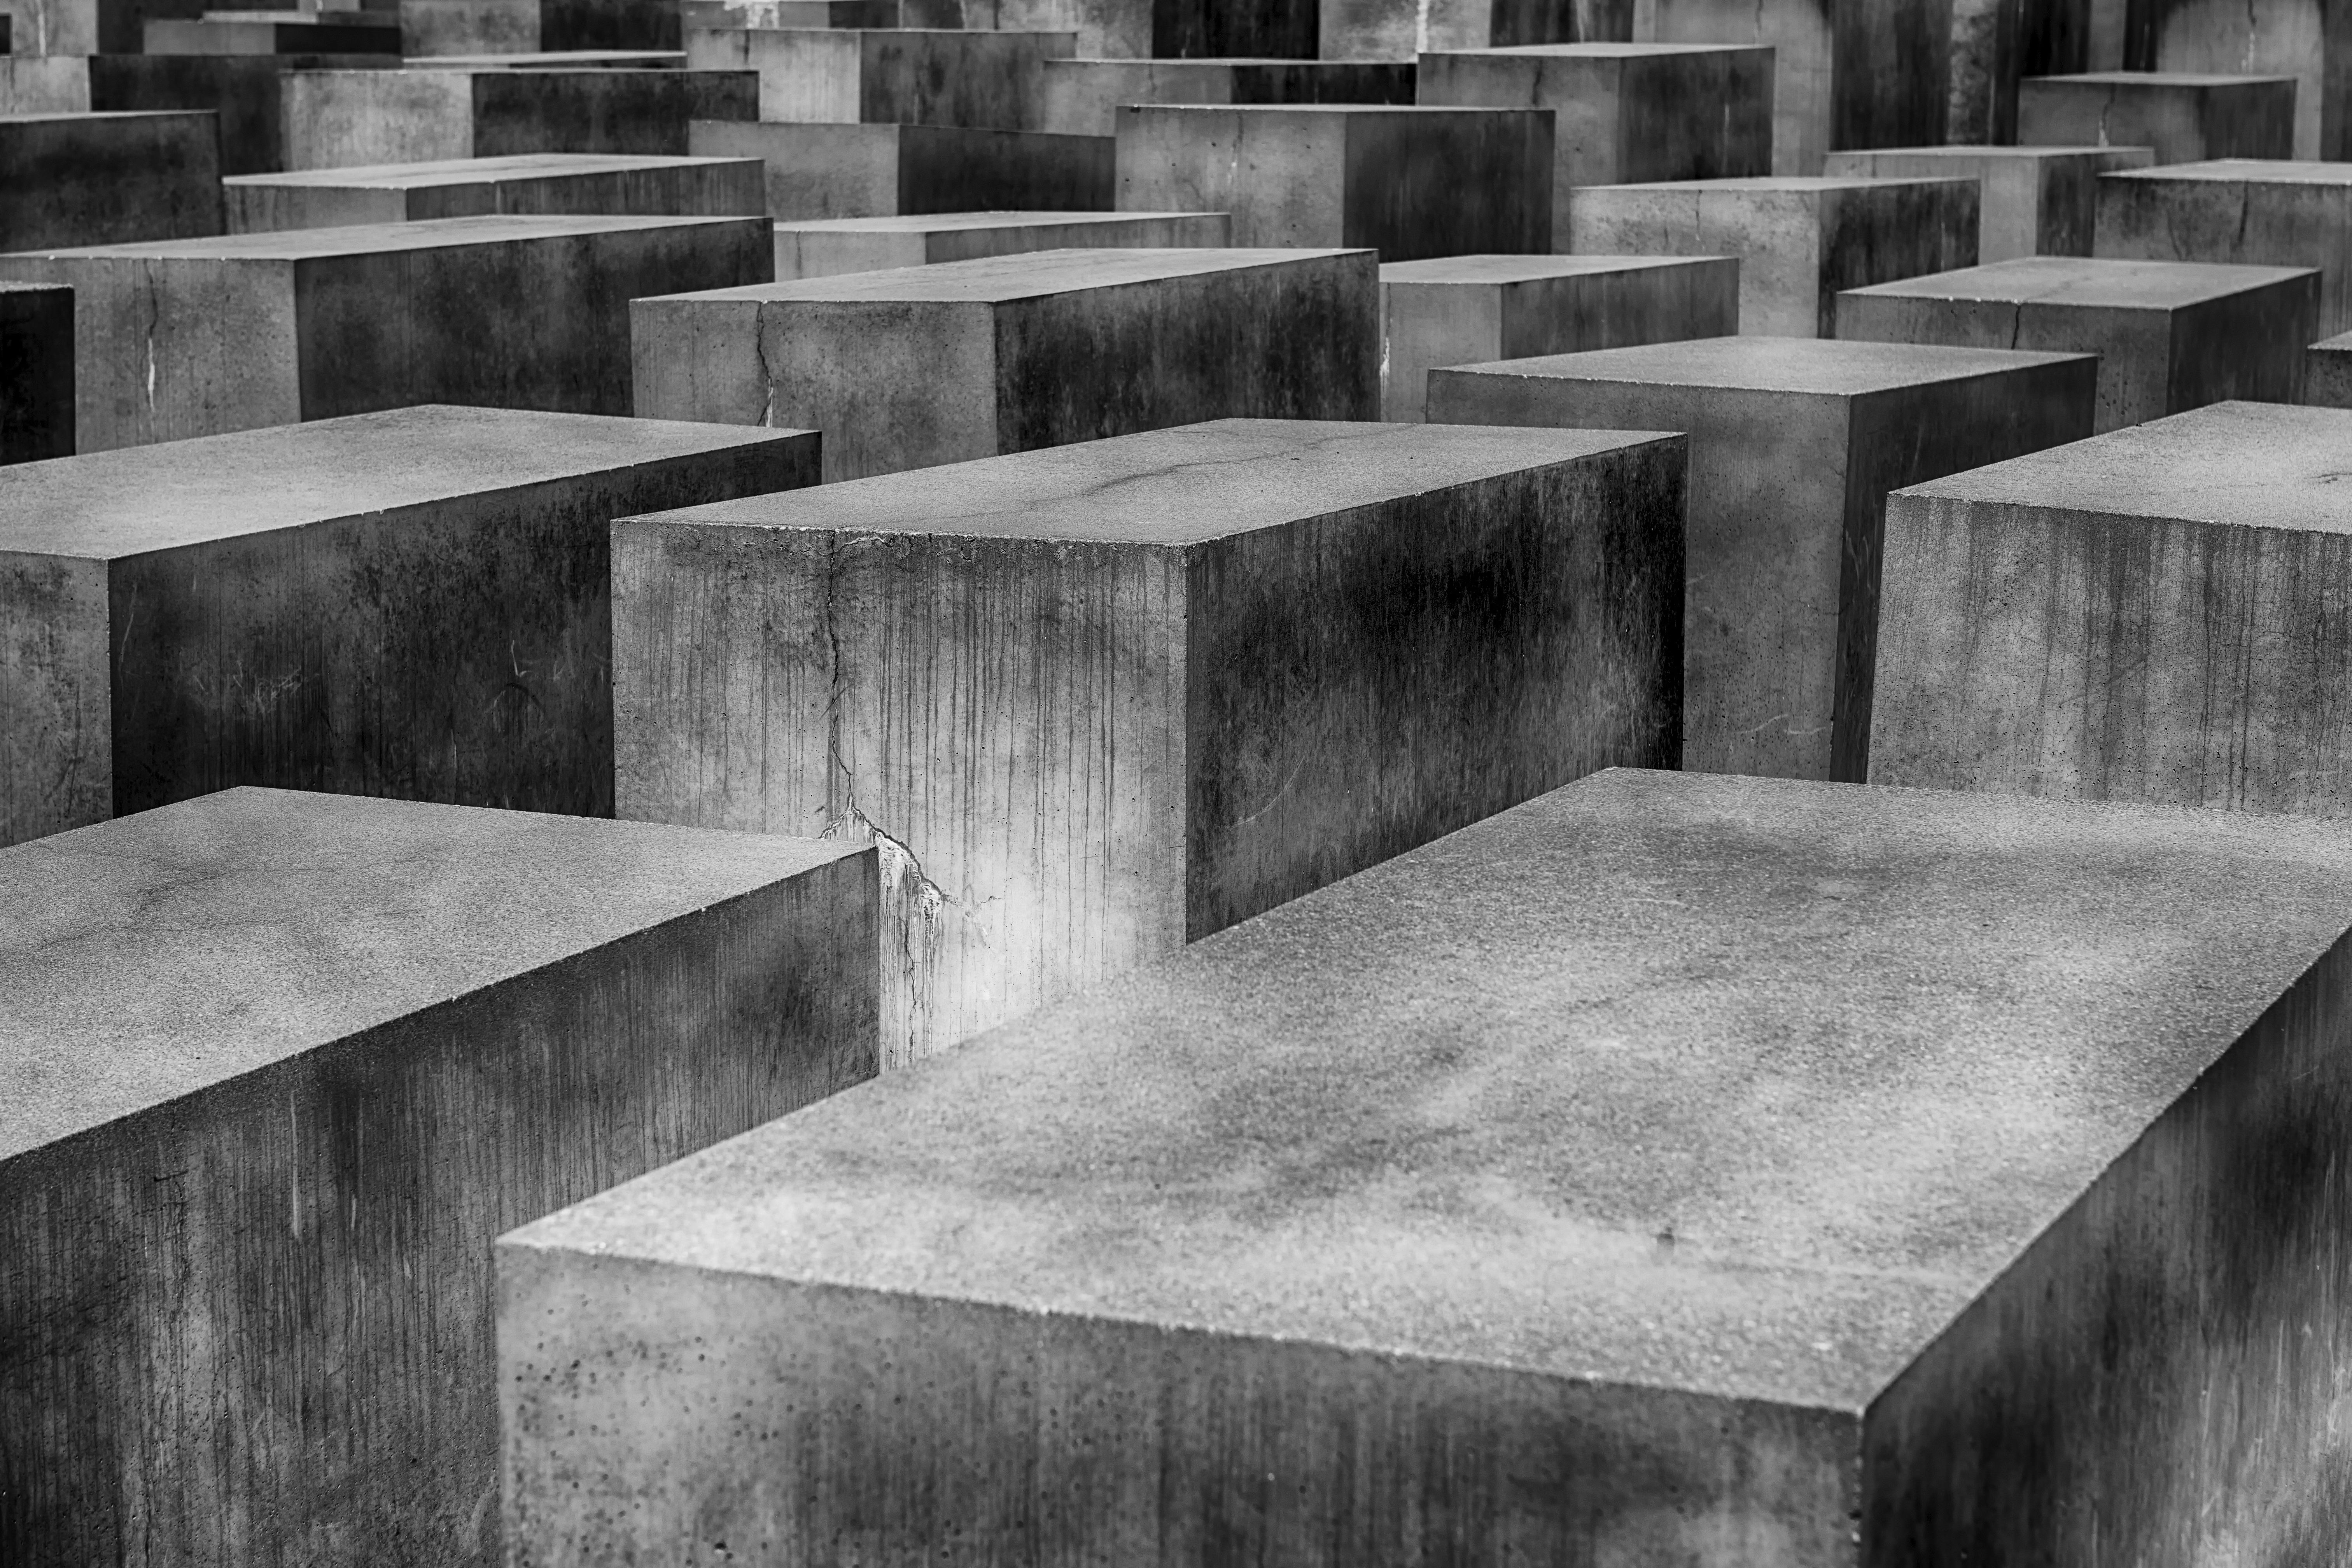 Fußboden Haag Fellbach ~ Fußboden haag gmbh fellbach wirsindhandwerk